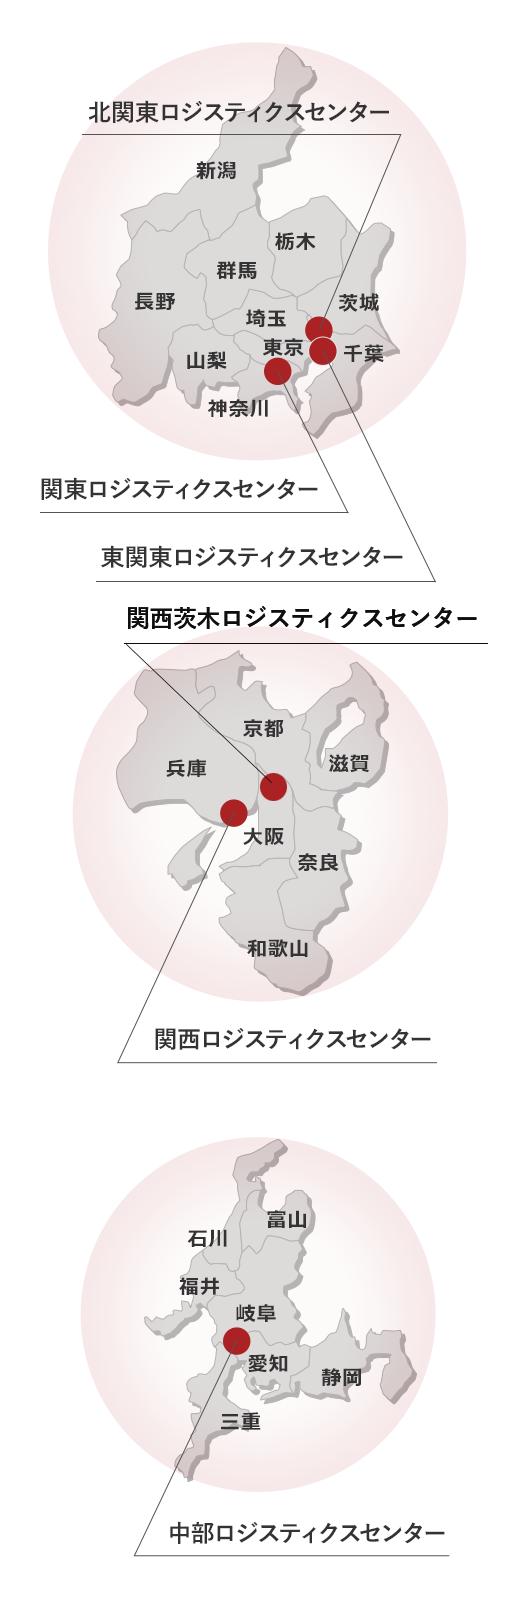 北東北中継センター 「北関東中継センター」に関するQ&A